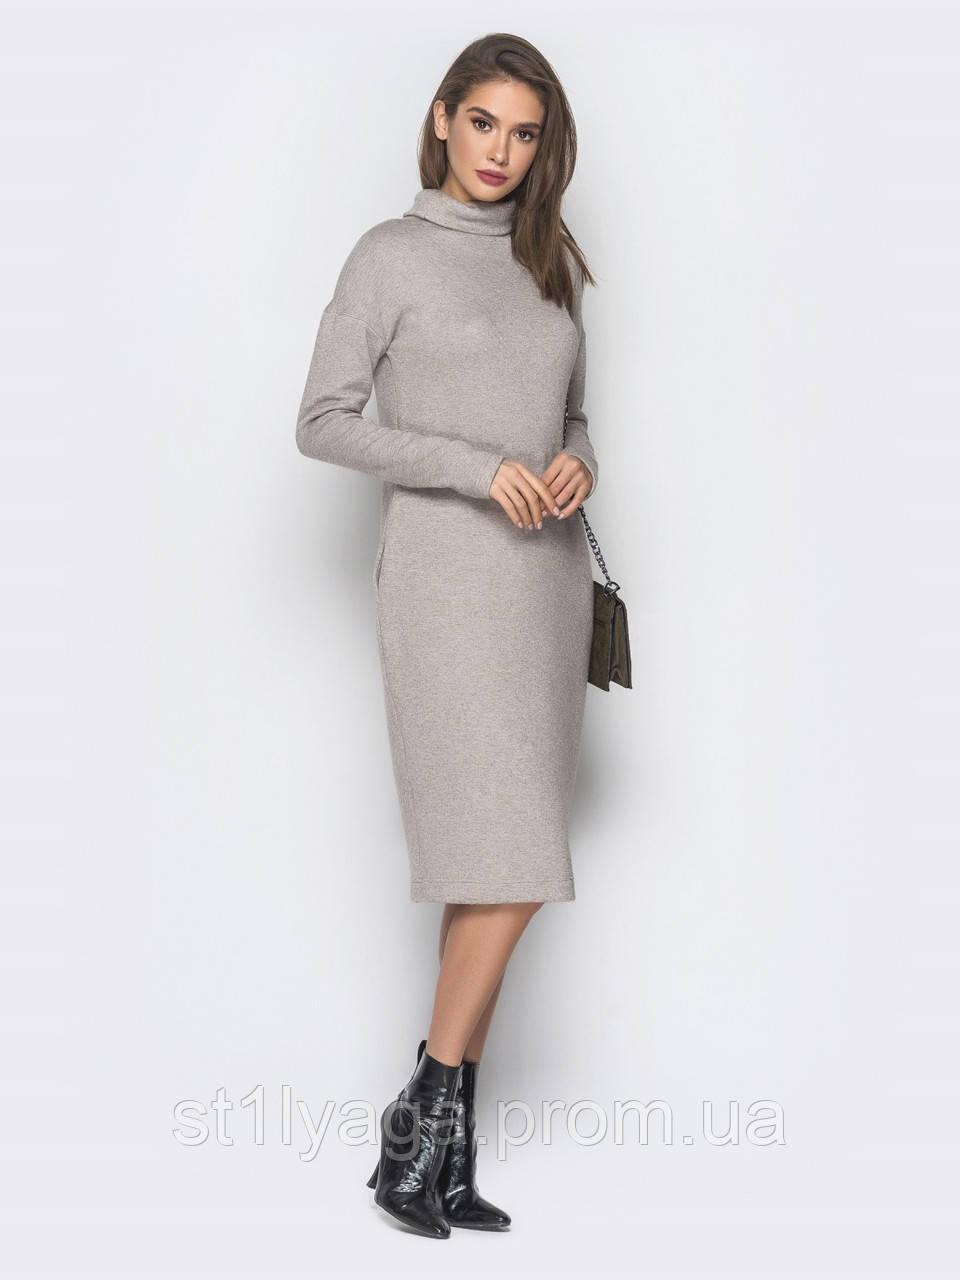 15bcf198c3e Теплое платье-гольф из ангоры длиной миди с воротником хомут и карманами в  боковых швах ...